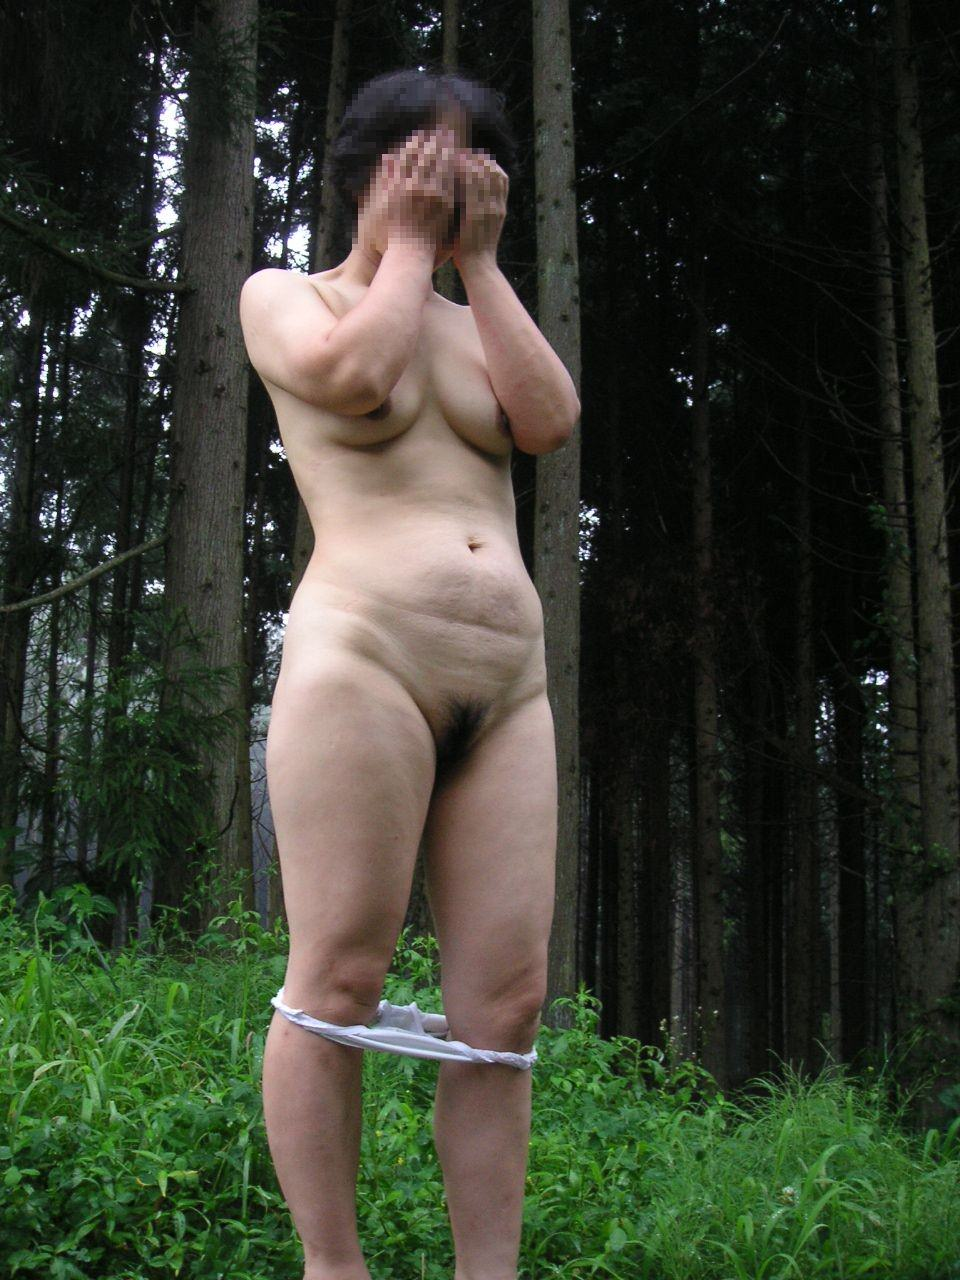 カメラマン旦那が奥さんを辱しめて野外露出を撮影するド変態夫婦www 0139